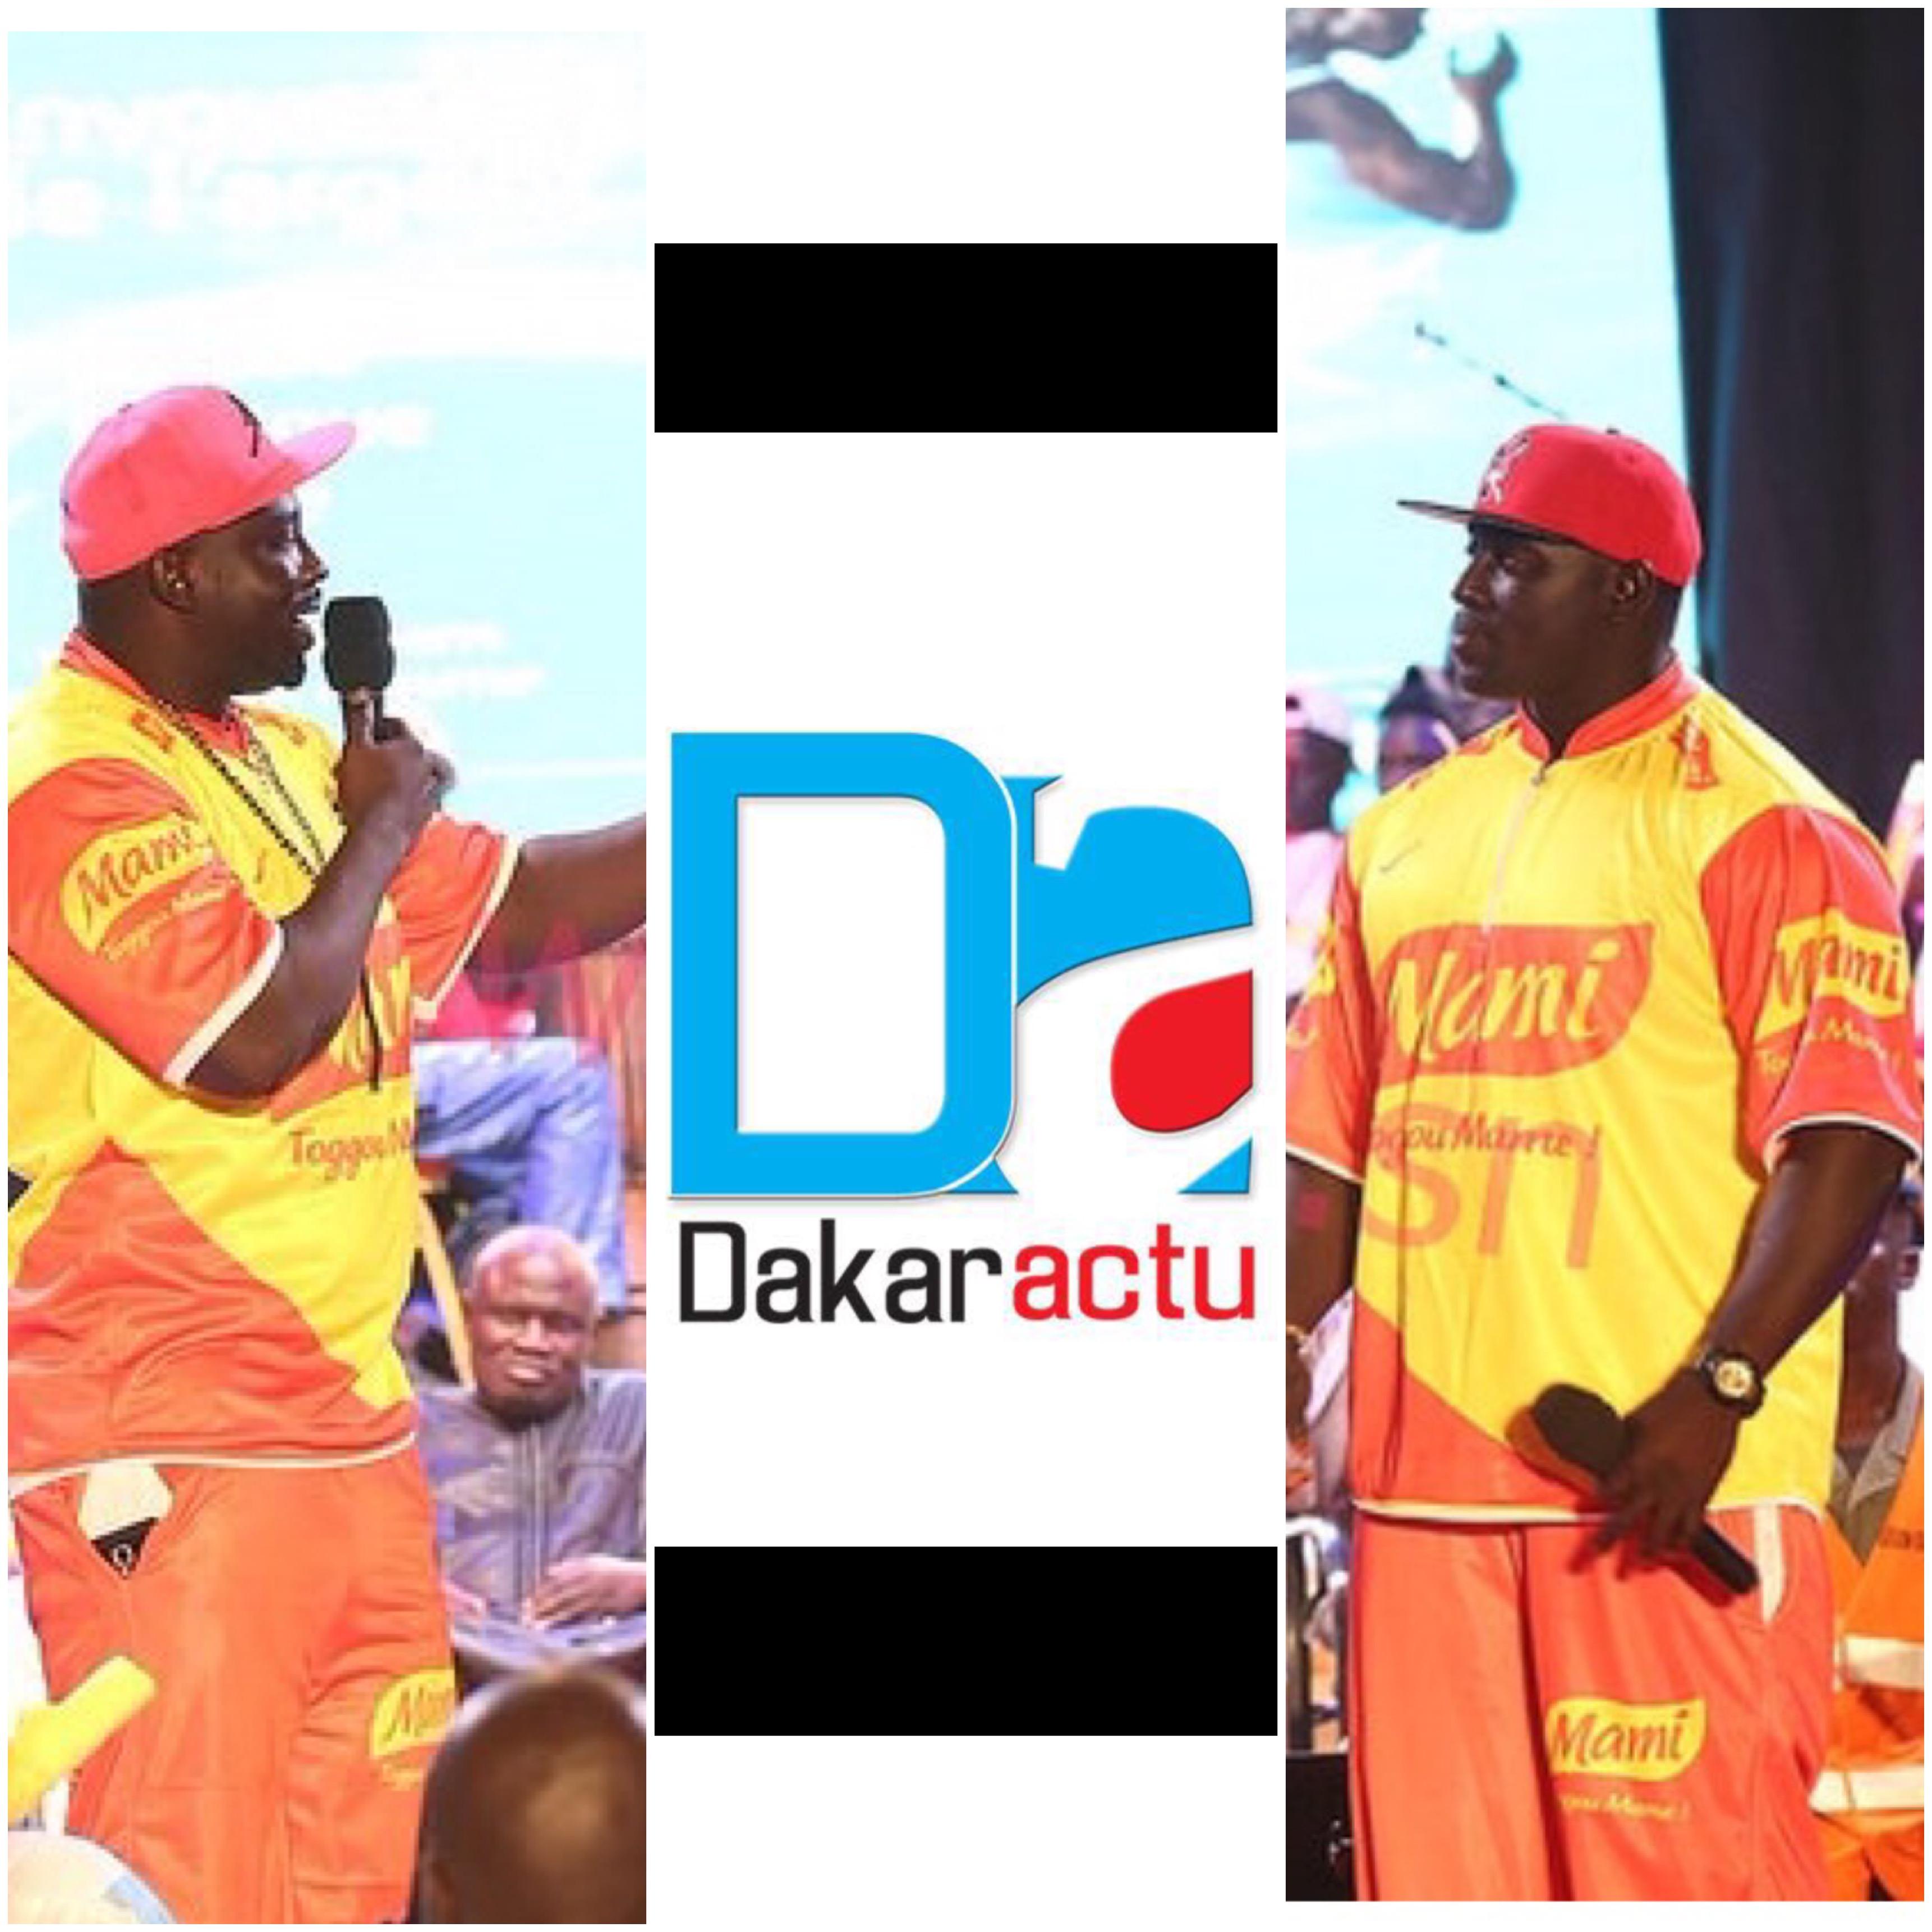  PREMIÈRE ÉDITION DRAPEAU DAKARACTU : Aziz N'diaye honore la presse en marge du trophée de l'Emergence